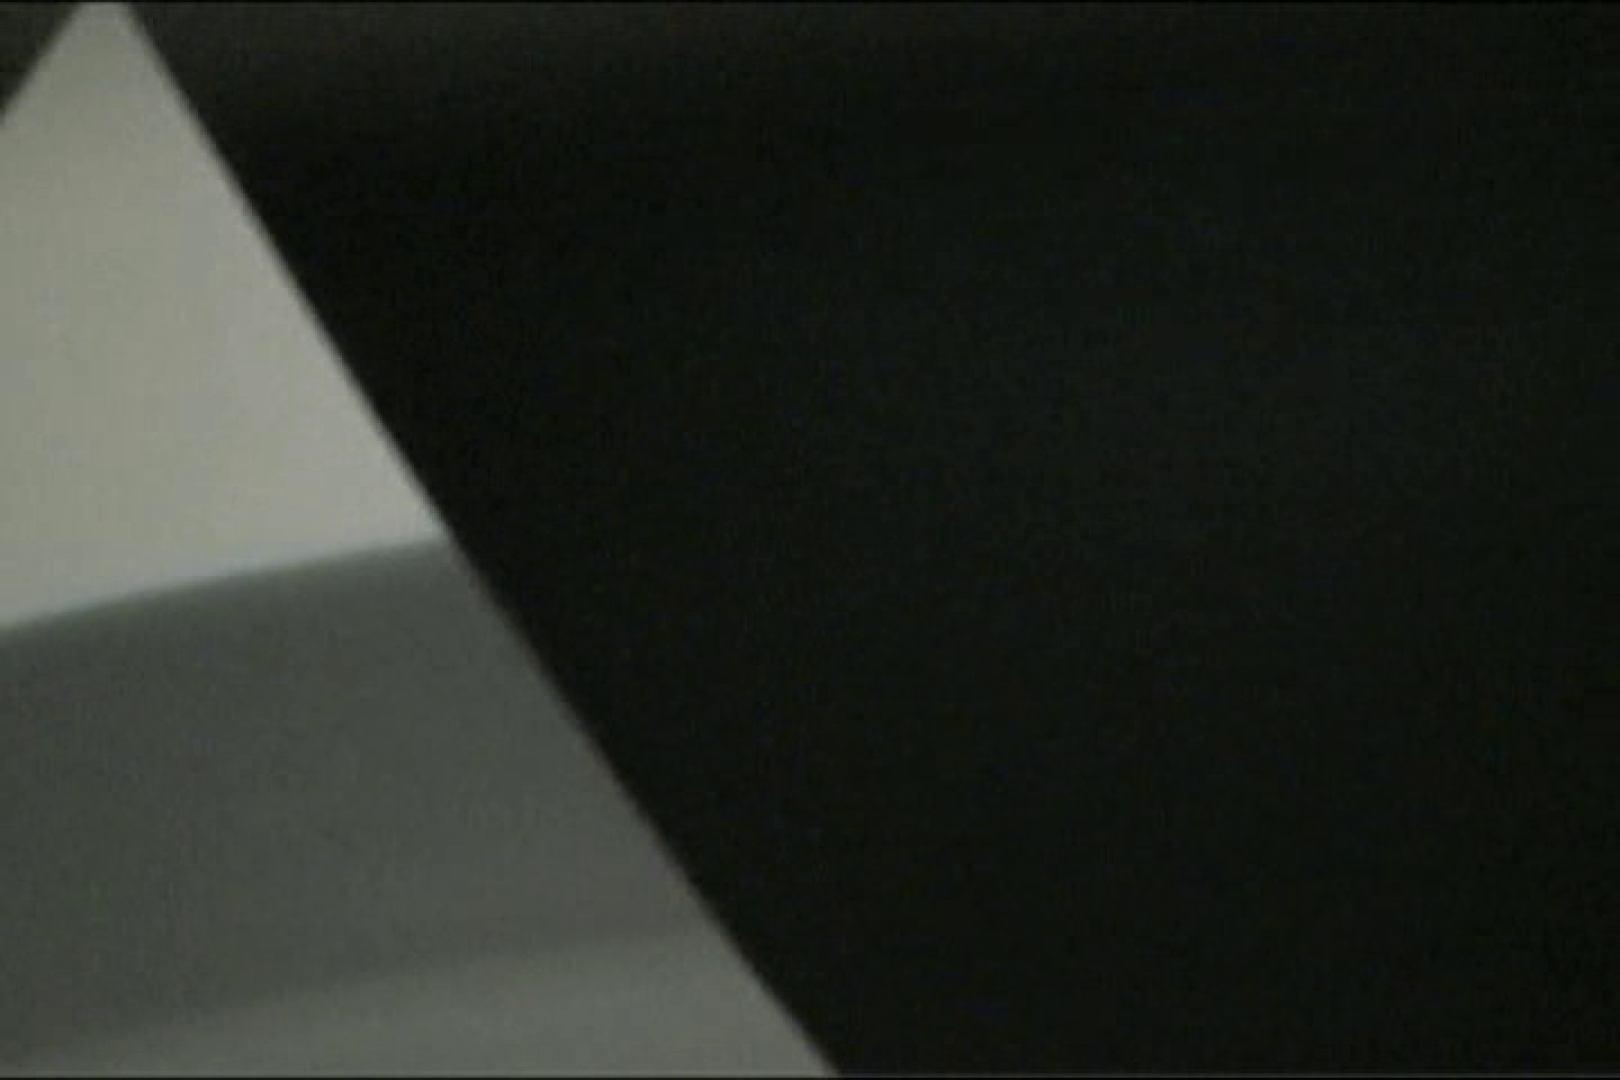 マンコ丸見え女子洗面所Vol.18 ギャルの実態  63pic 30